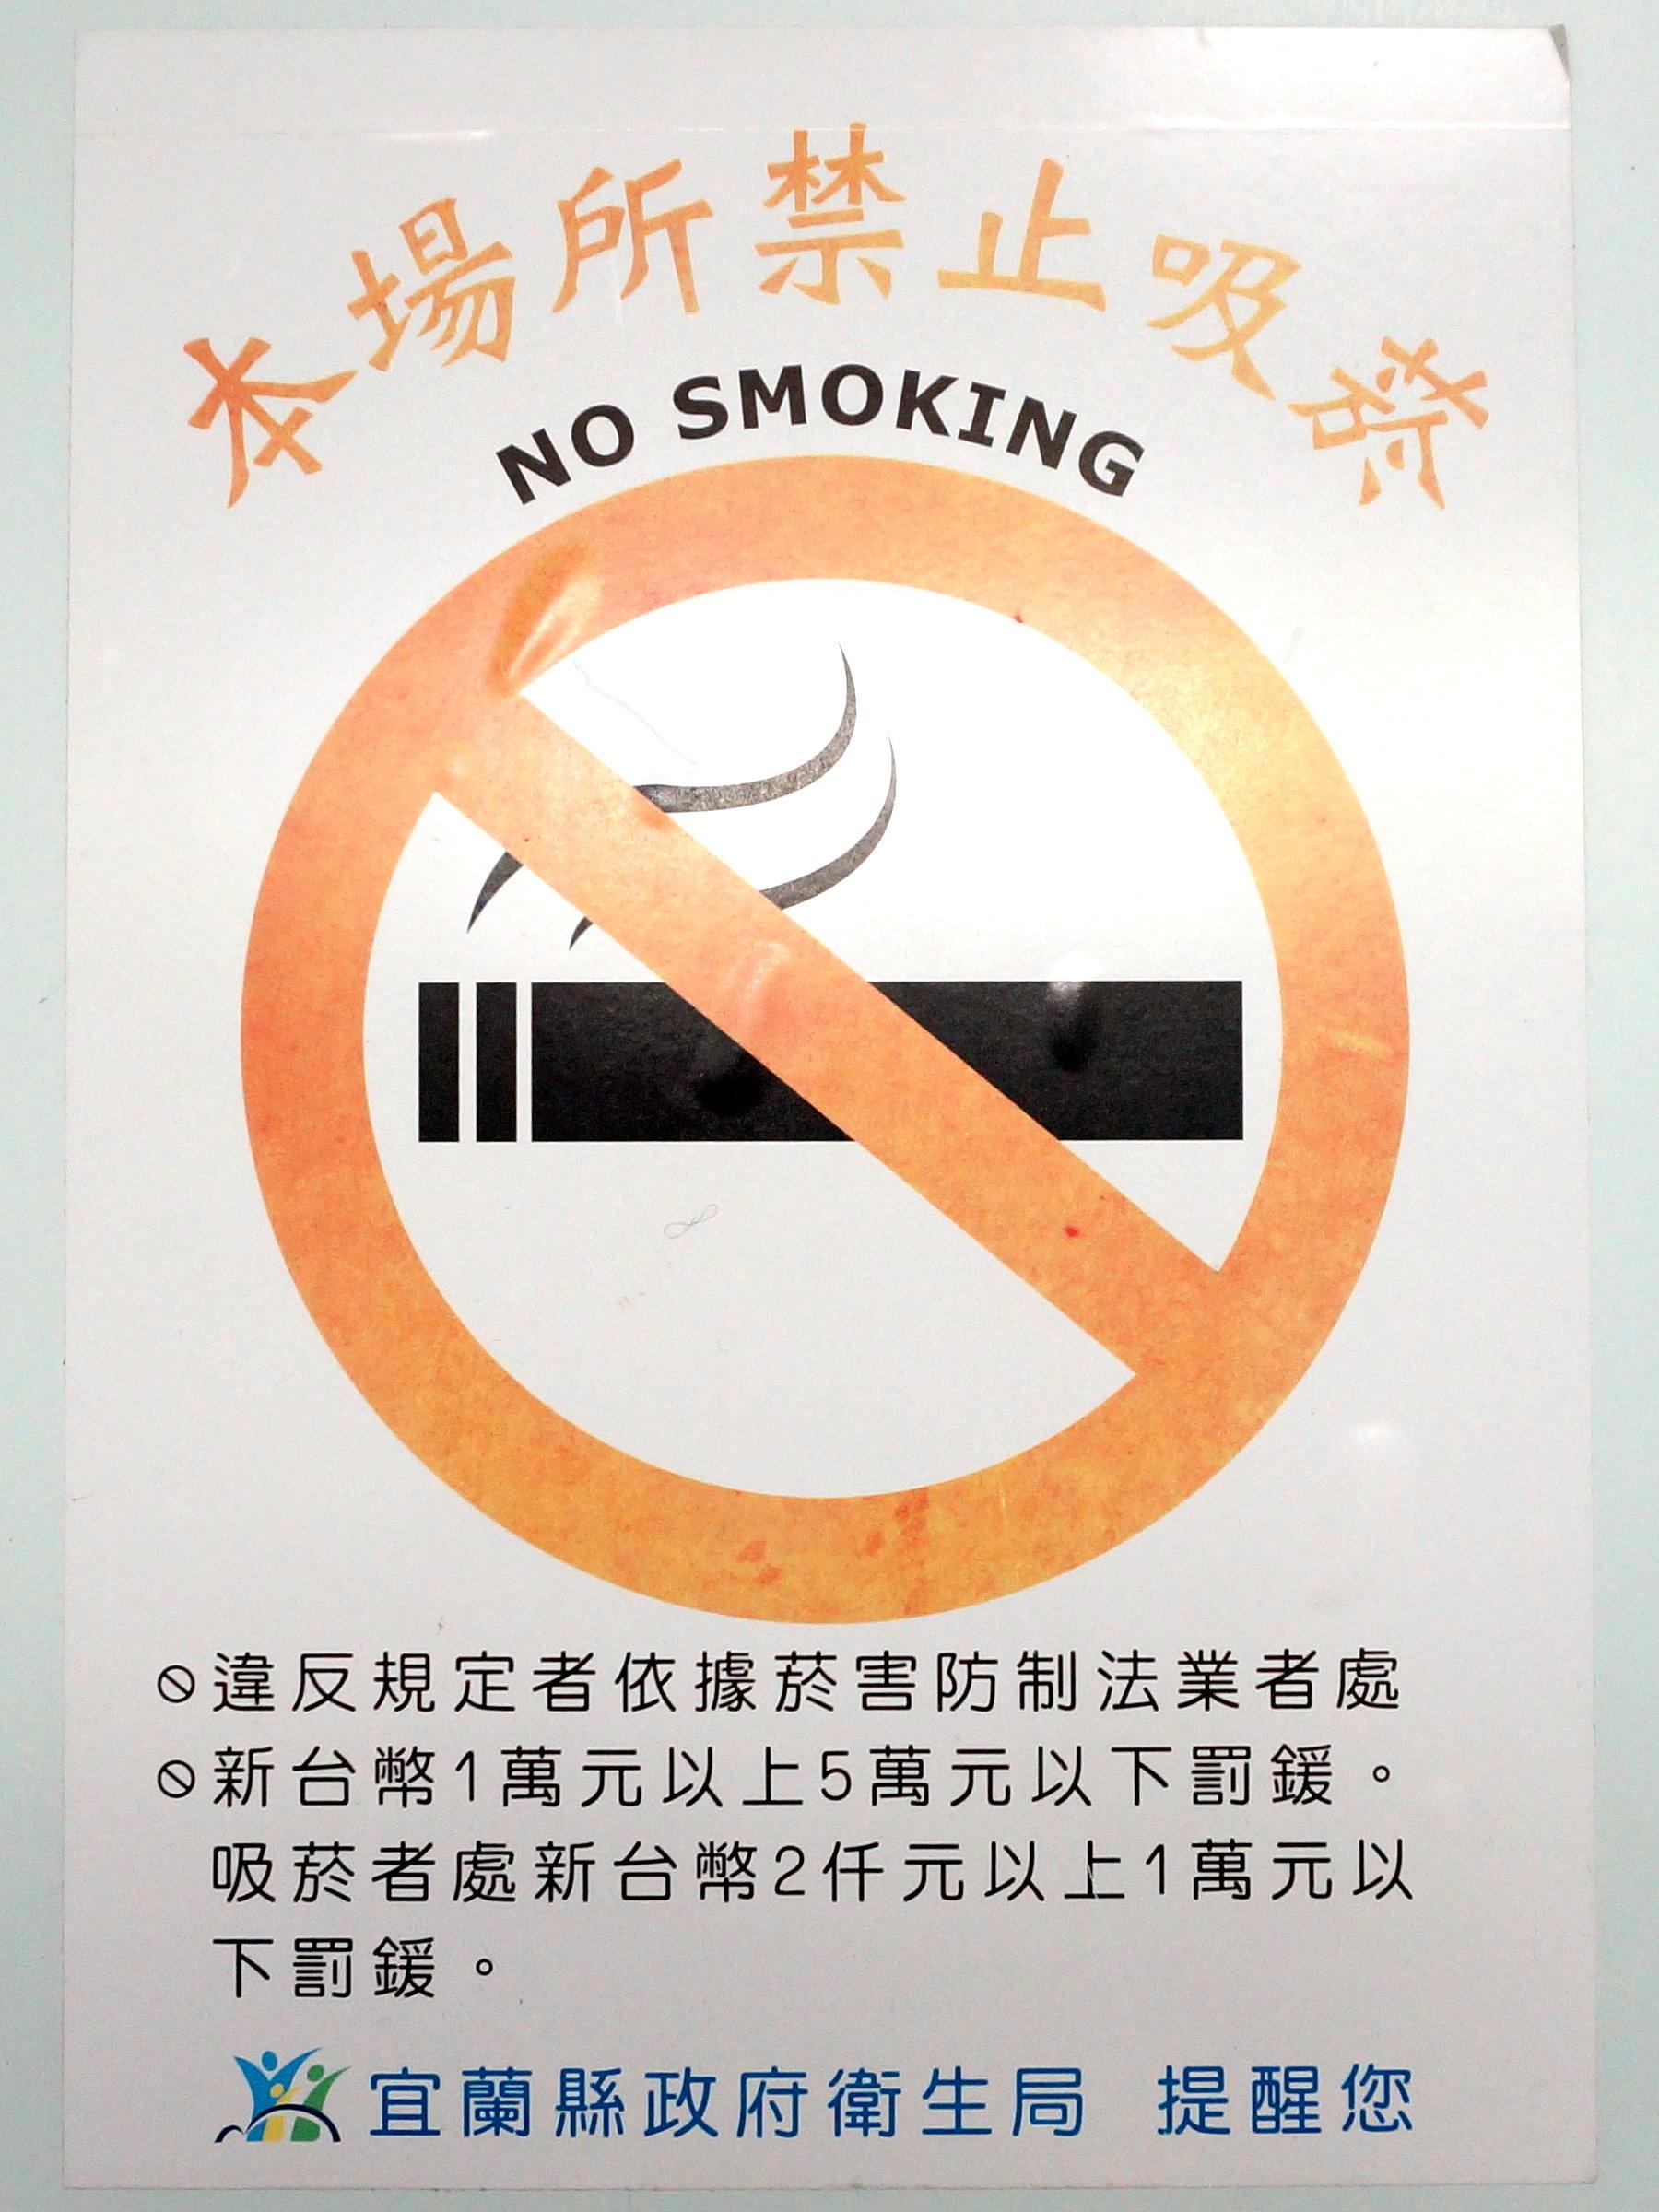 https commons wikimedia org wiki file public health bureau yilan county no smoking poster 20200711 jpg